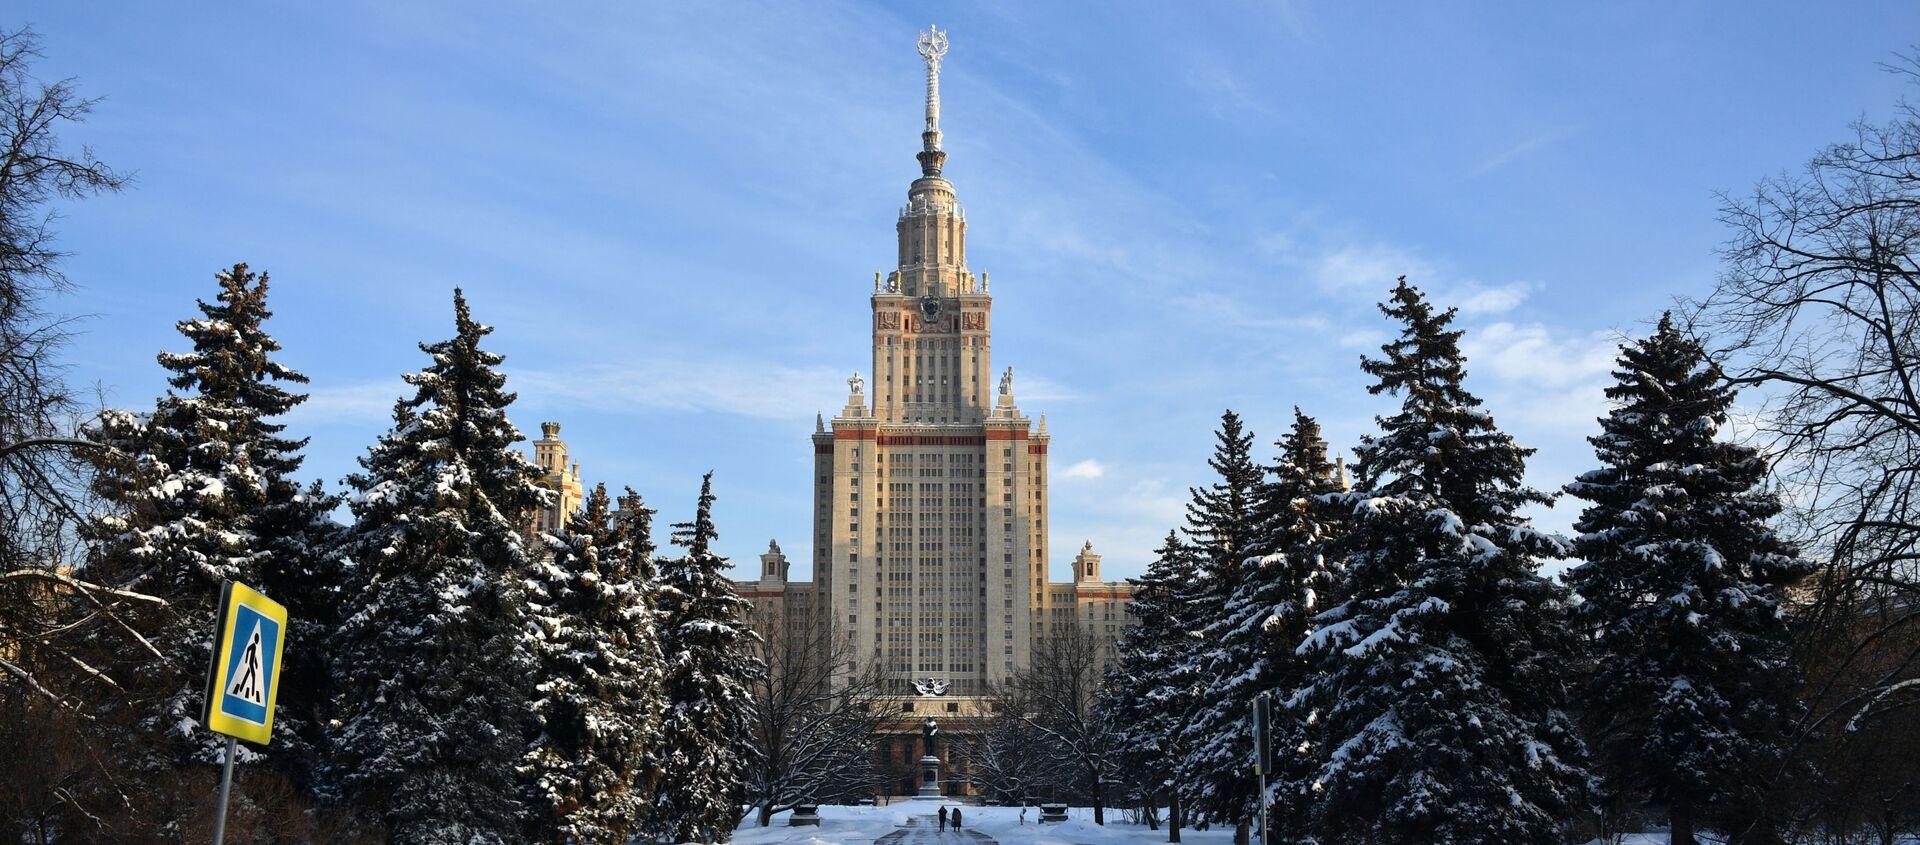 Прохожий у здания Московского государственного университета имени М. В. Ломоносова в Москве, фото из архива - Sputnik Азербайджан, 1920, 19.01.2021